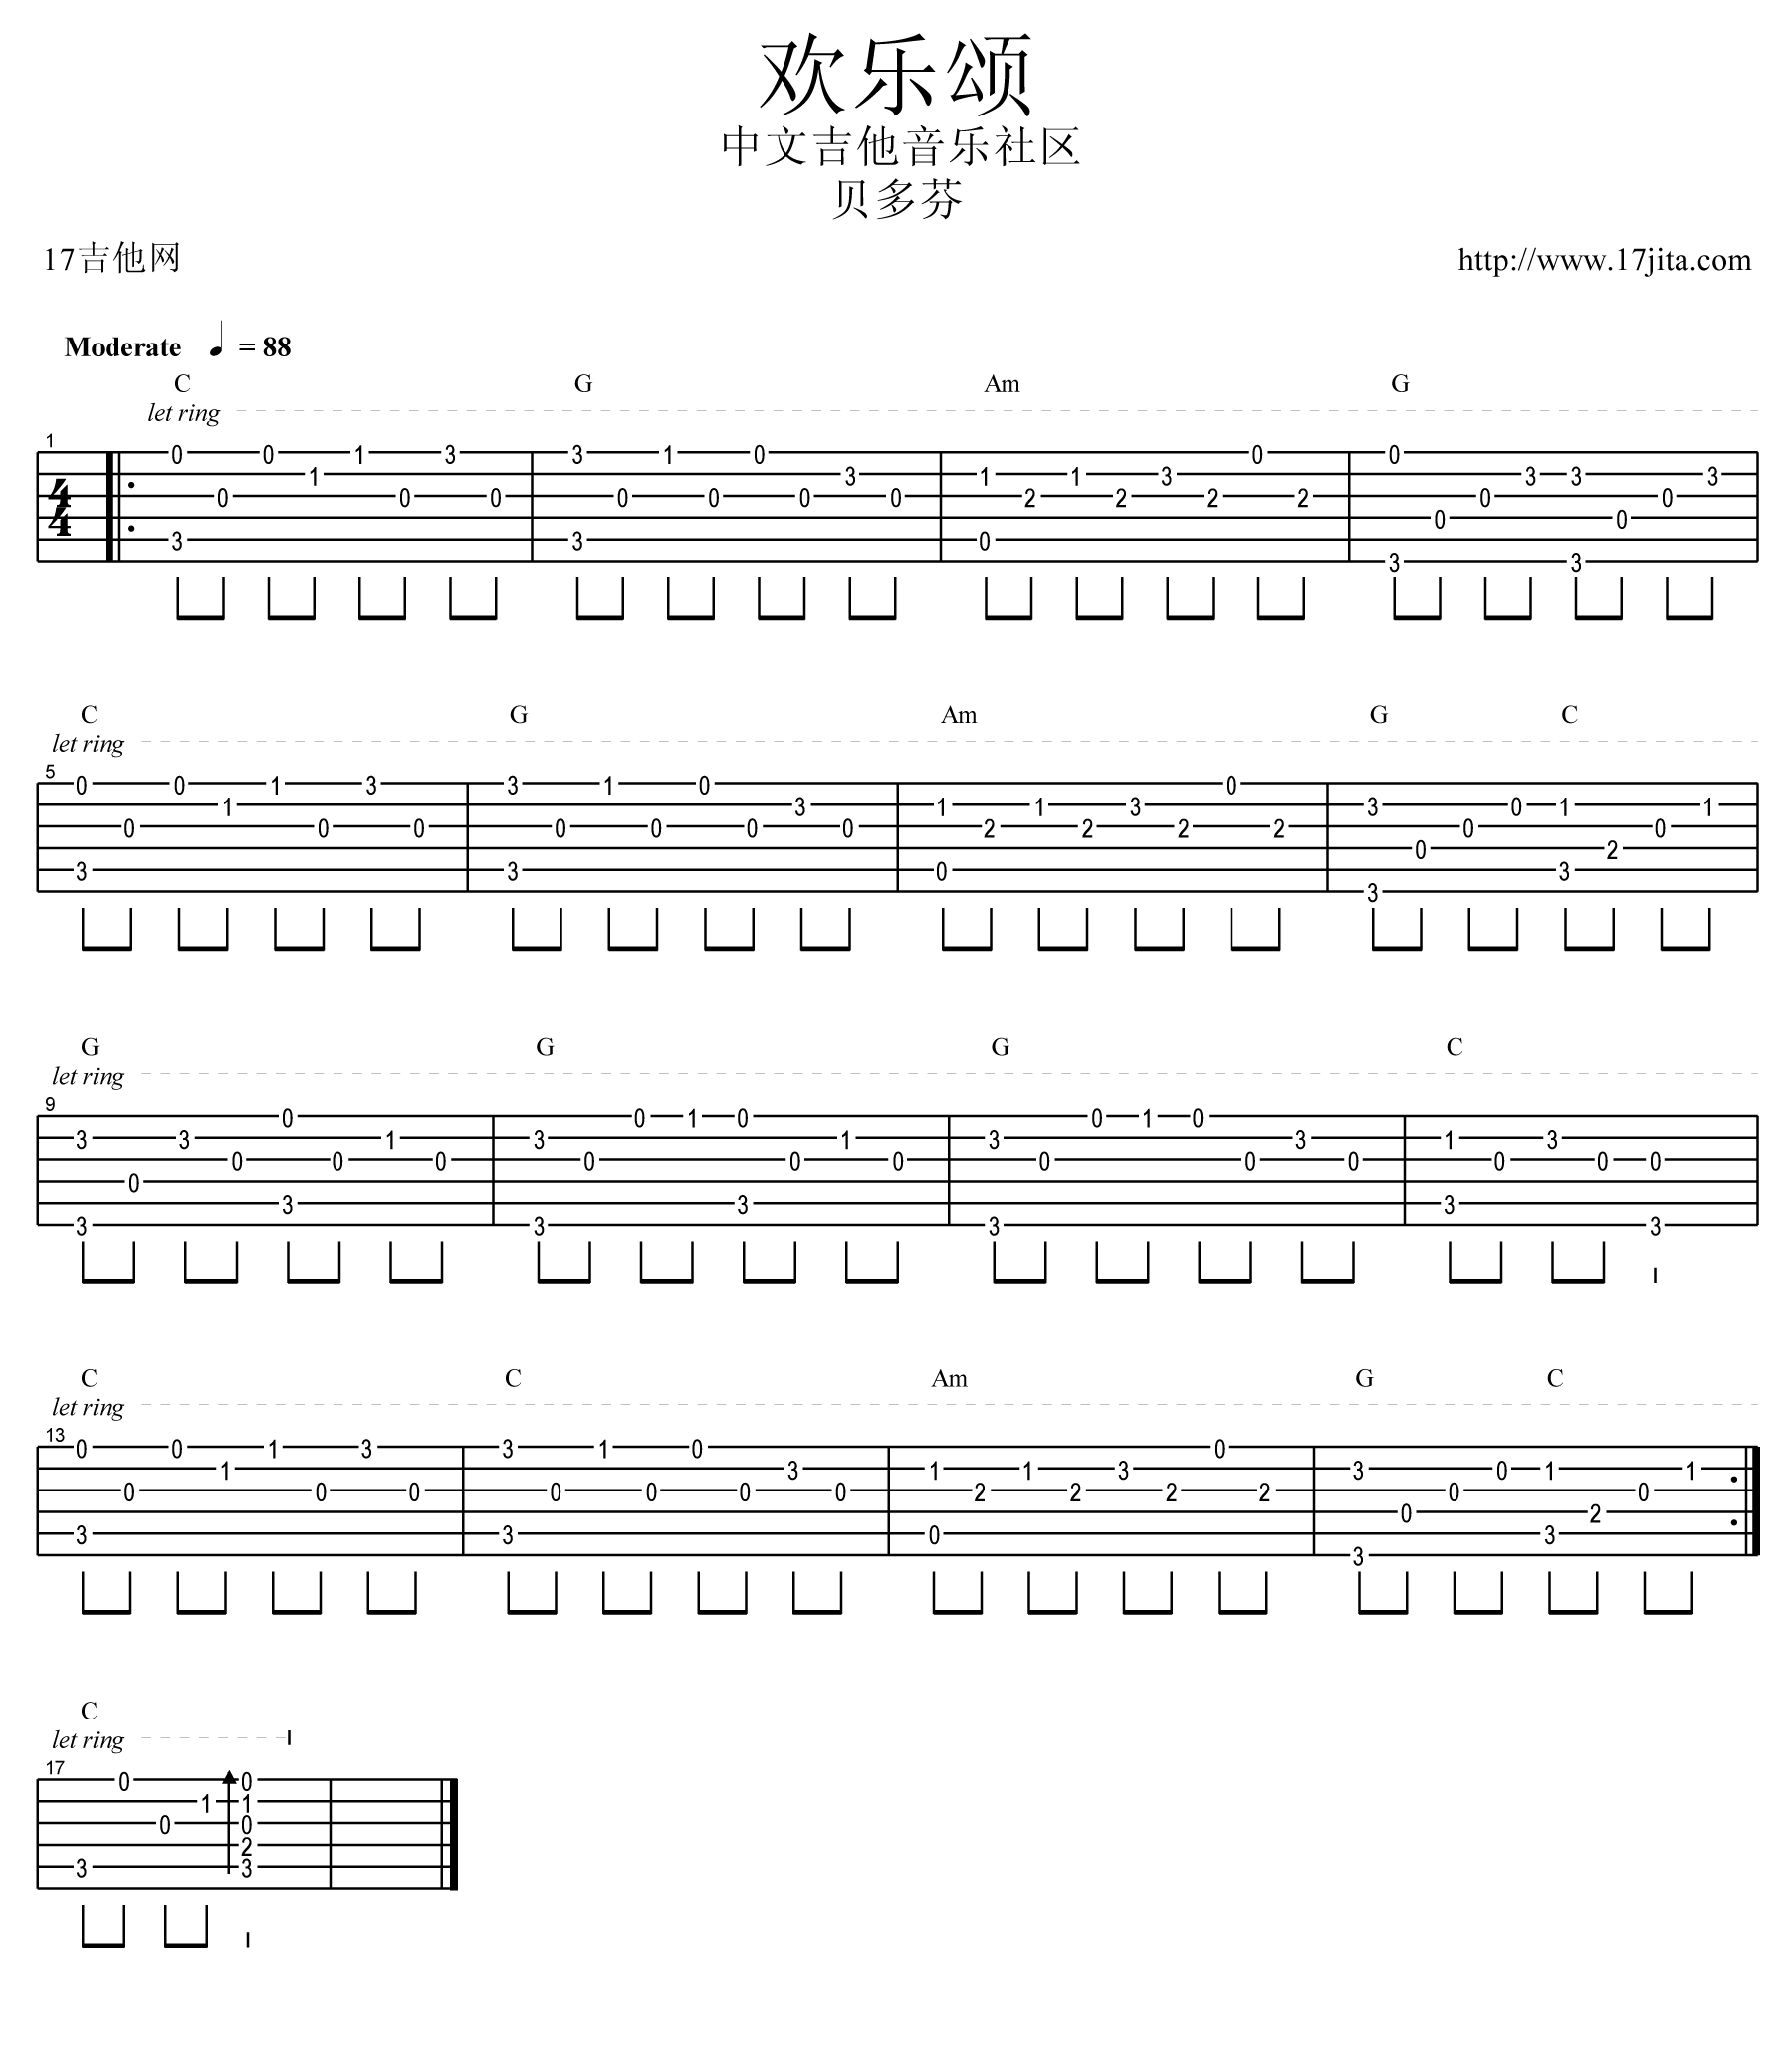 《《欢乐颂》吉他谱_《欢乐颂》入门指弹谱》吉他谱